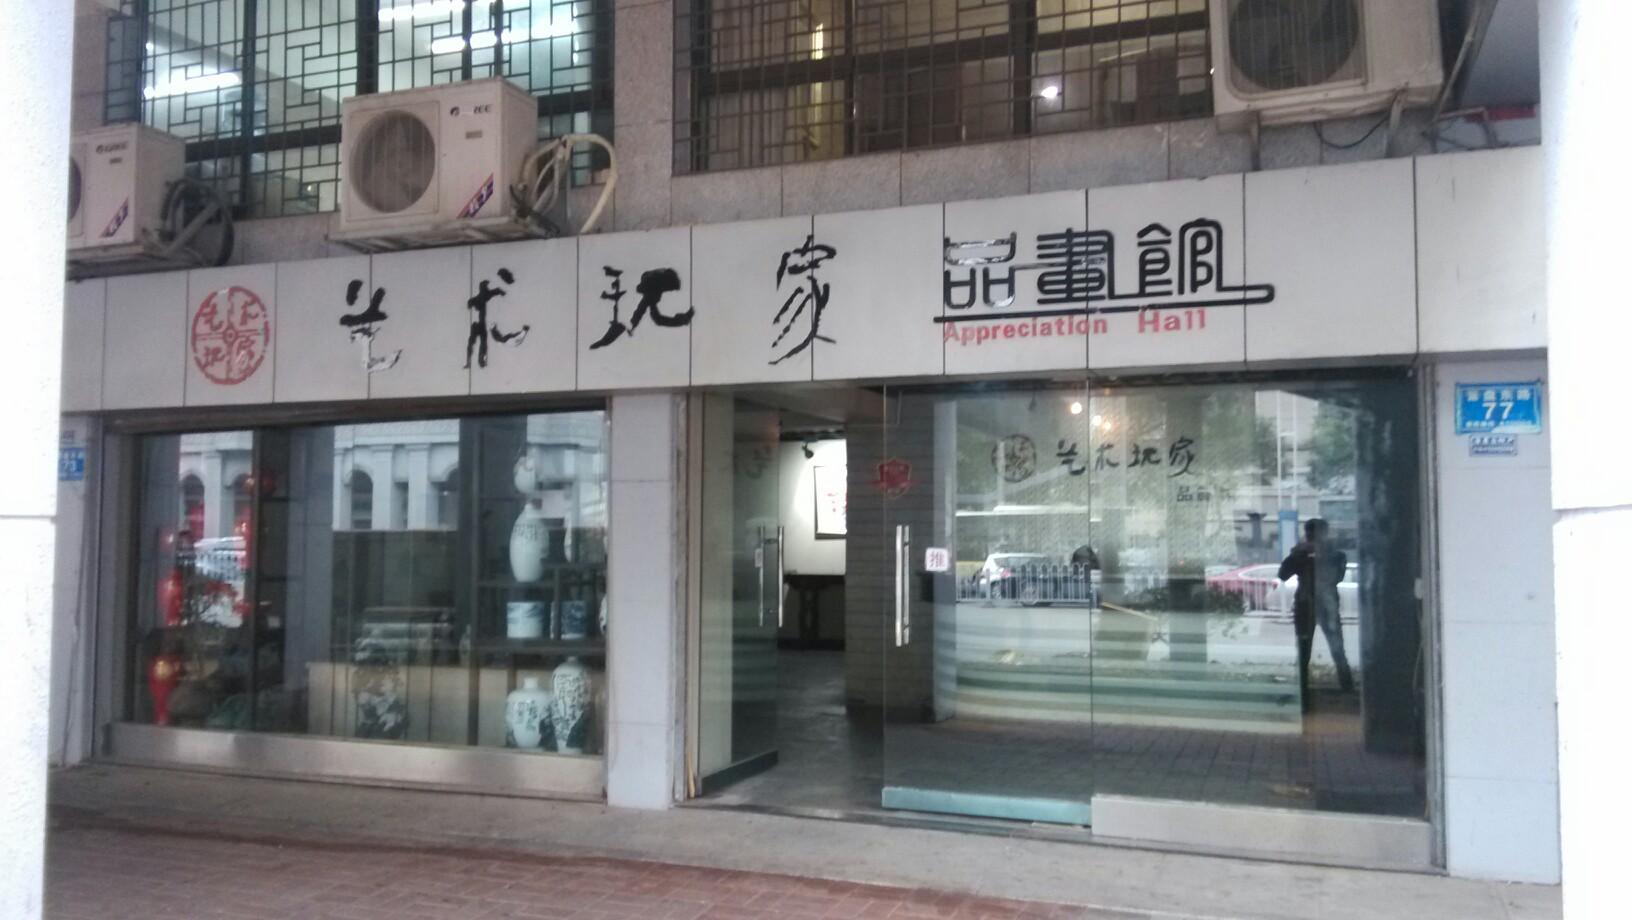 湖南艺术玩家_湖南艺术玩家艺术品有限公司